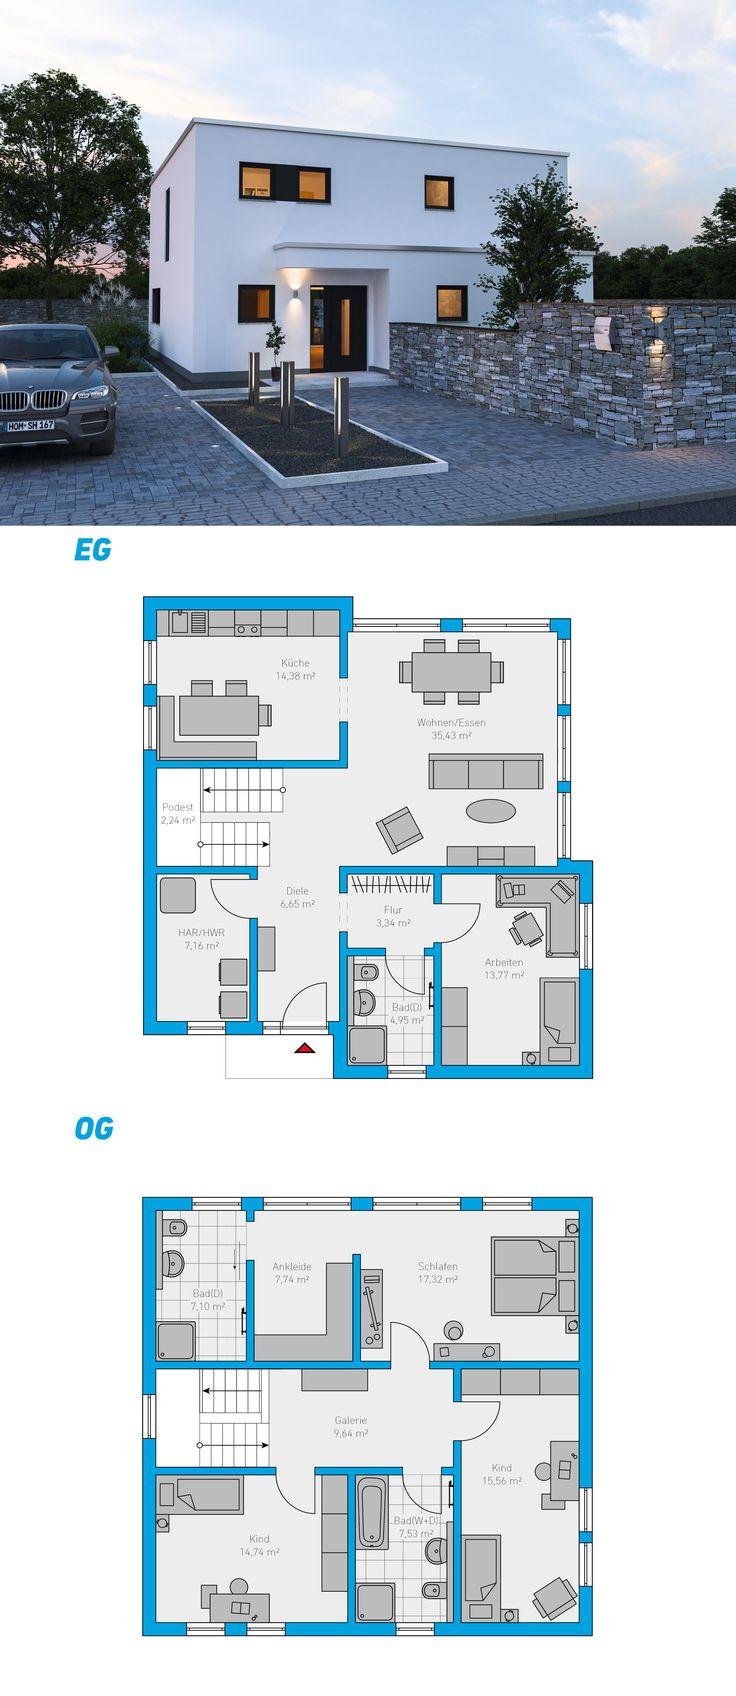 Alea 168 - schlüsselfertiges Massivhaus 2-geschossig #spektralhaus #ingutenwänden #2geschossig #Grundriss #Hausbau #Massivhaus #Steinmassivhaus #Steinhaus #schlüsselfertig  #neubau #eigenheim #traumhaus #ausbauhaus